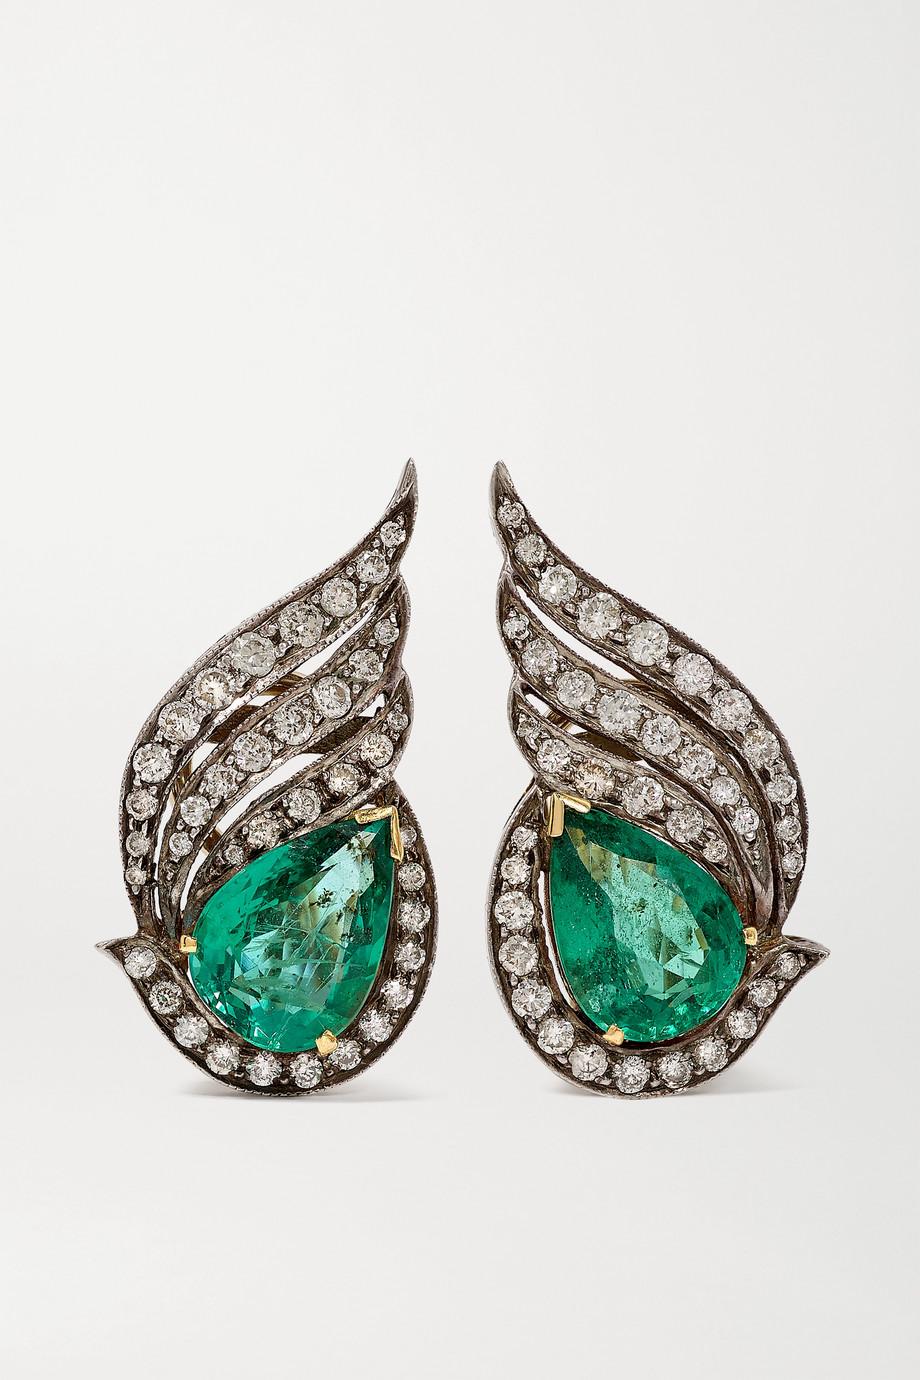 Amrapali Ohrringe aus 18 Karat Gold und Sterlingsilber mit Smaragden und Diamanten